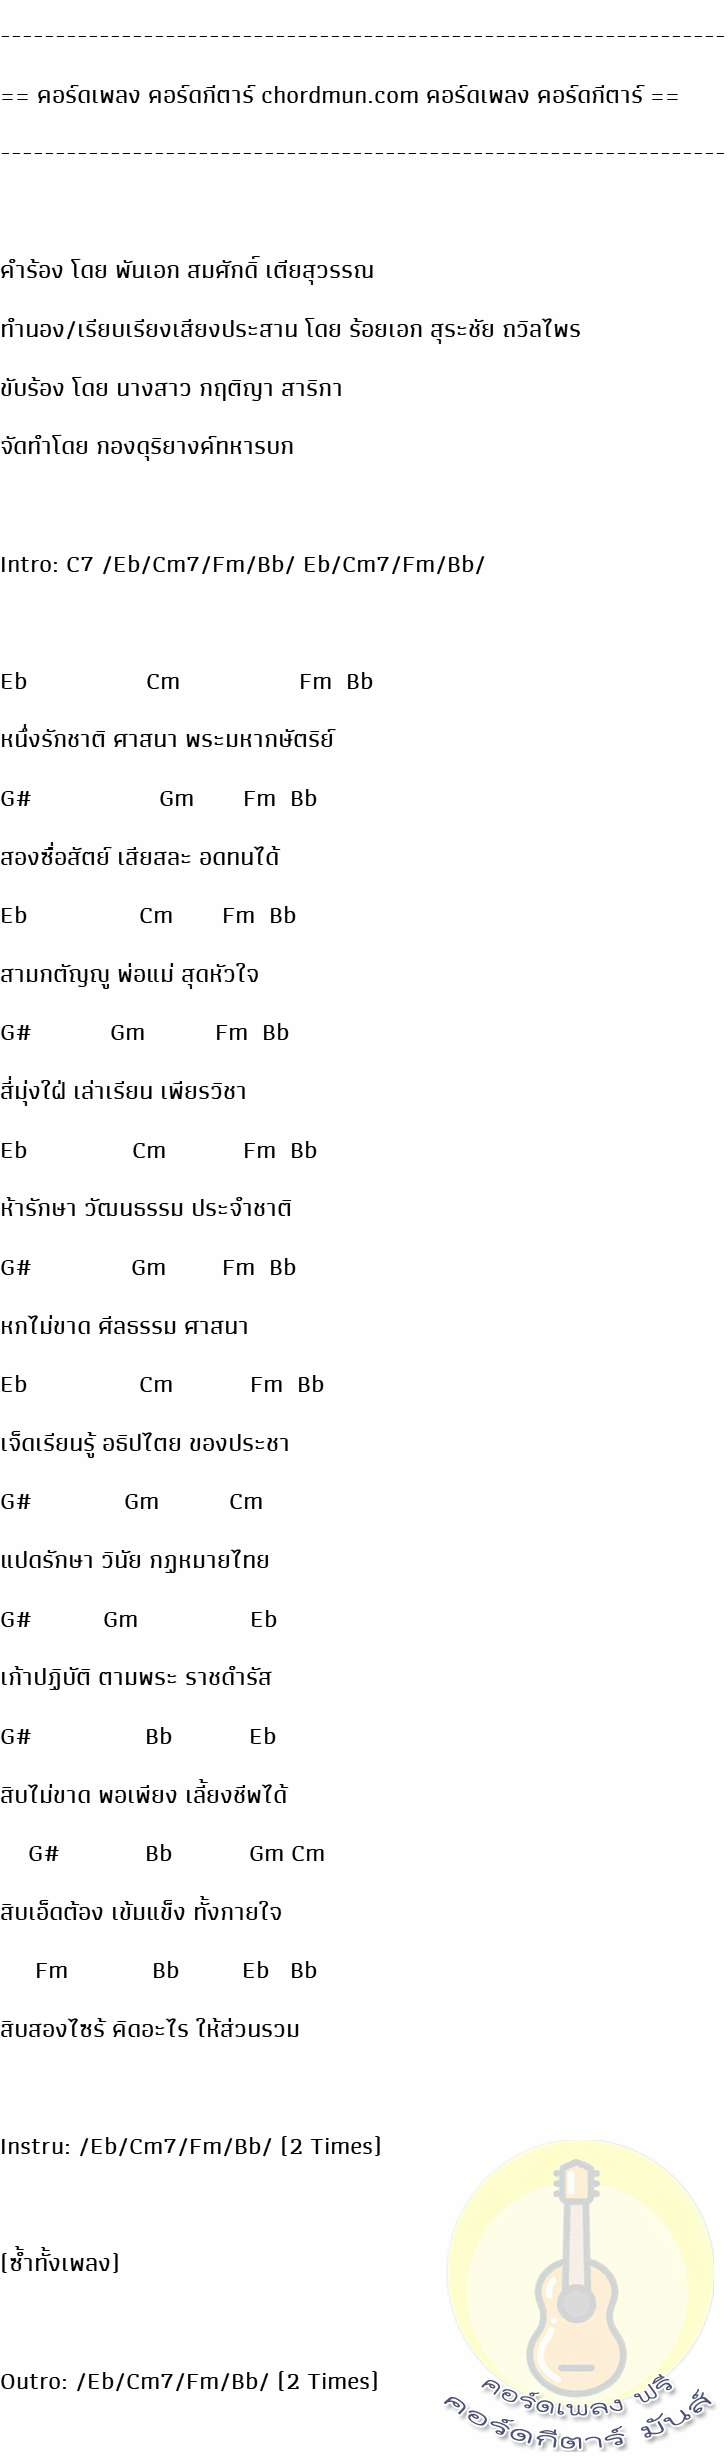 ตารางคอร์ดกีต้าร์  เพลง ค่านิยม 12 ประการ